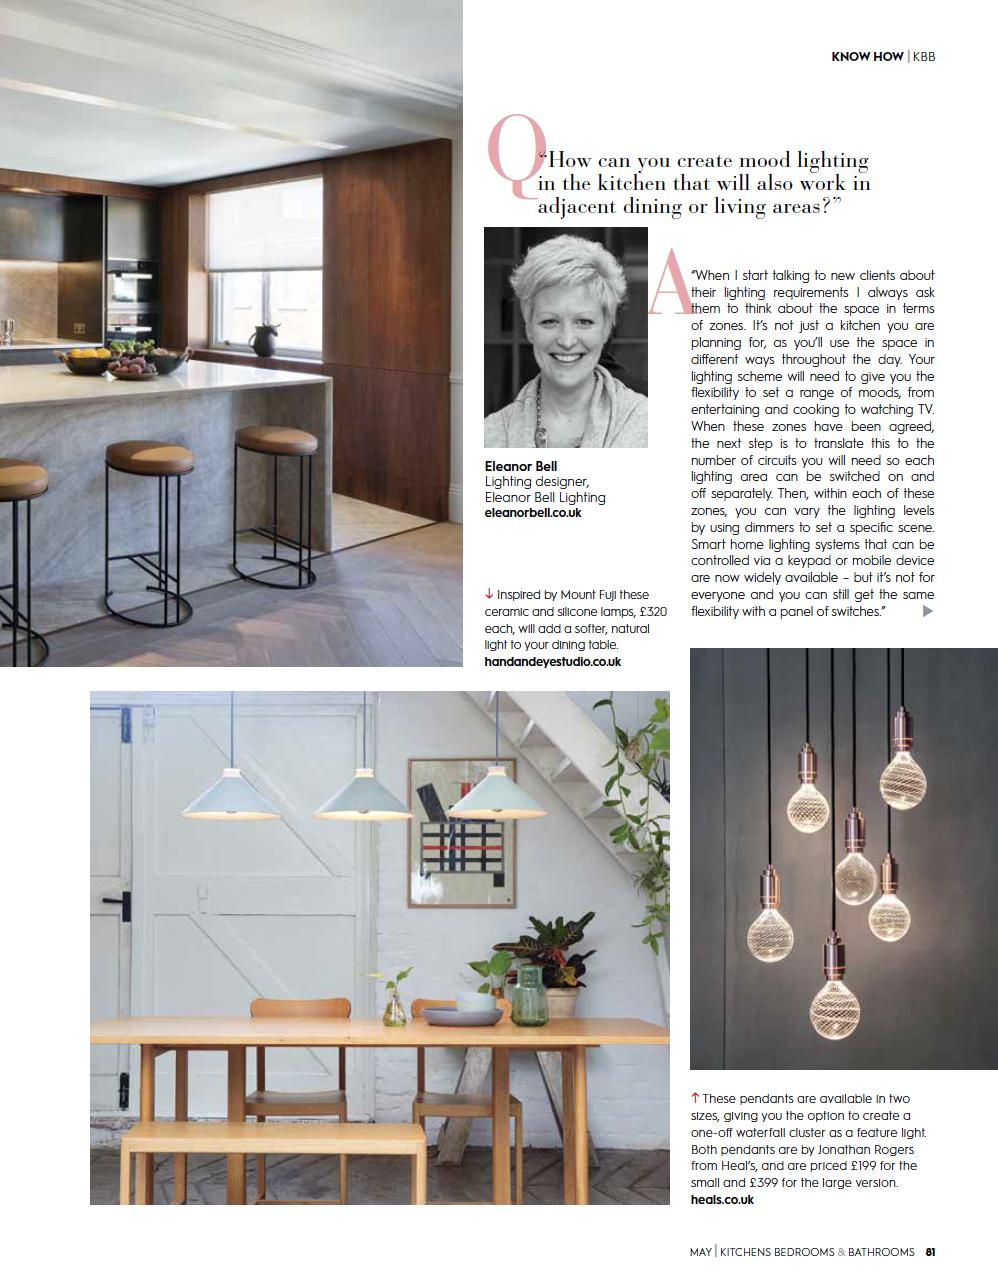 Eleanor Bell Kitchens, Bedrooms & Bathrooms May 2018 Kitchen Lighting 6